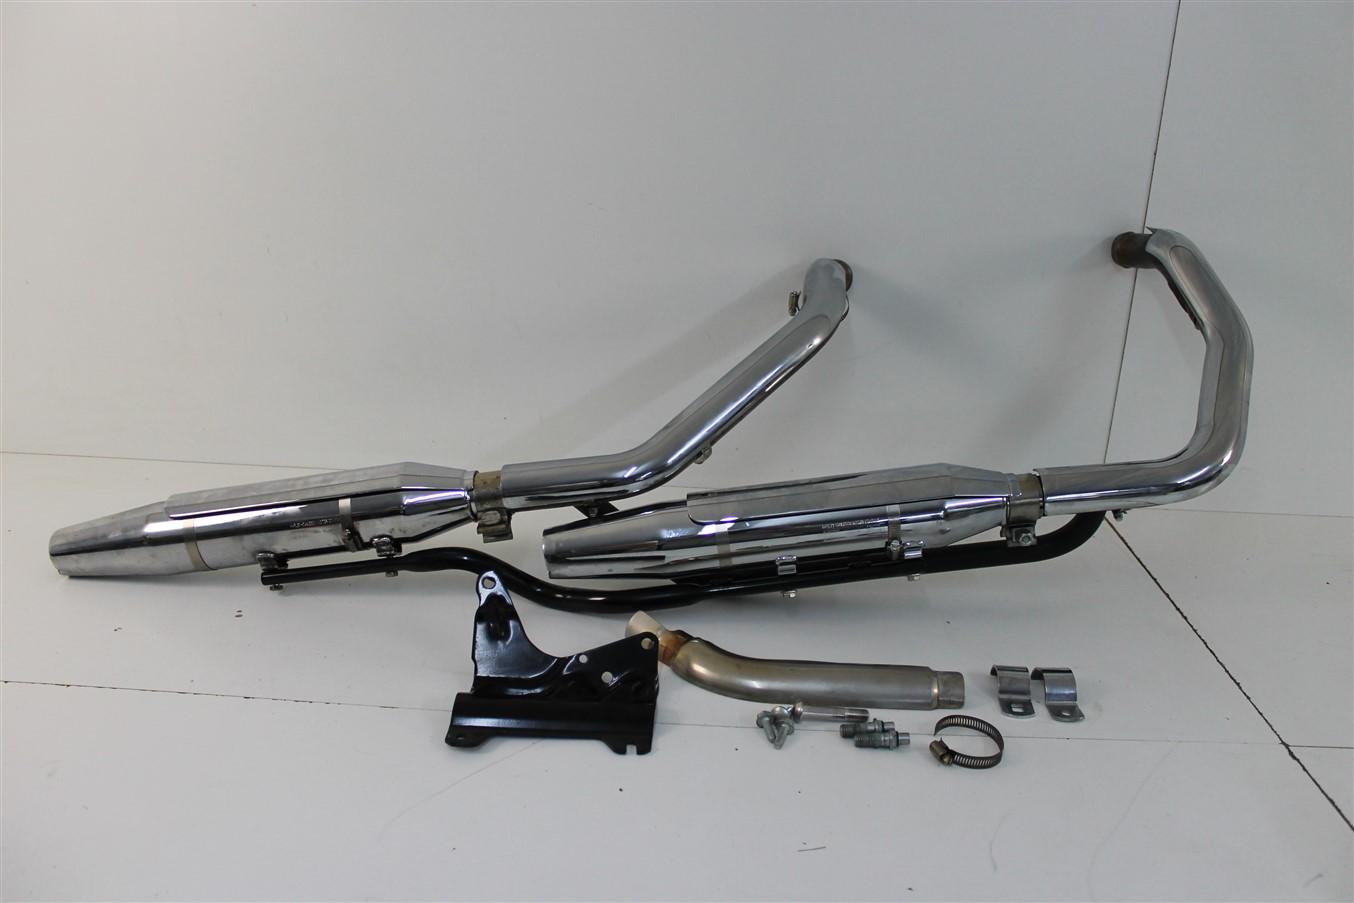 harley davidson sportster iron 883 exhaust system. Black Bedroom Furniture Sets. Home Design Ideas